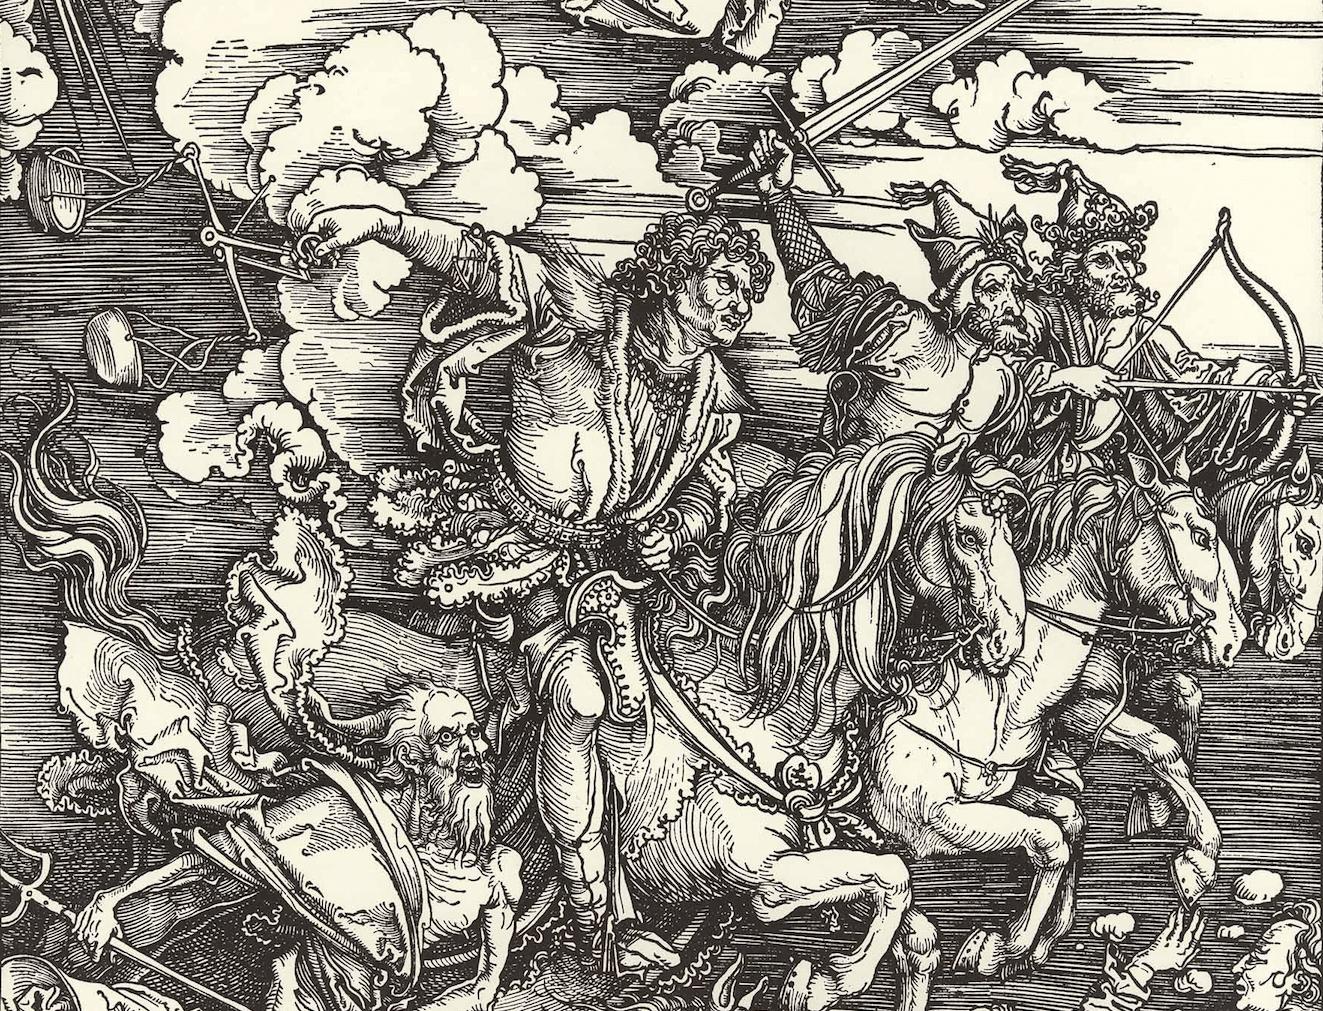 Hoffnung und Ängste: «Die vier apokalyptischen Reiter» von Albrecht Dürrer.